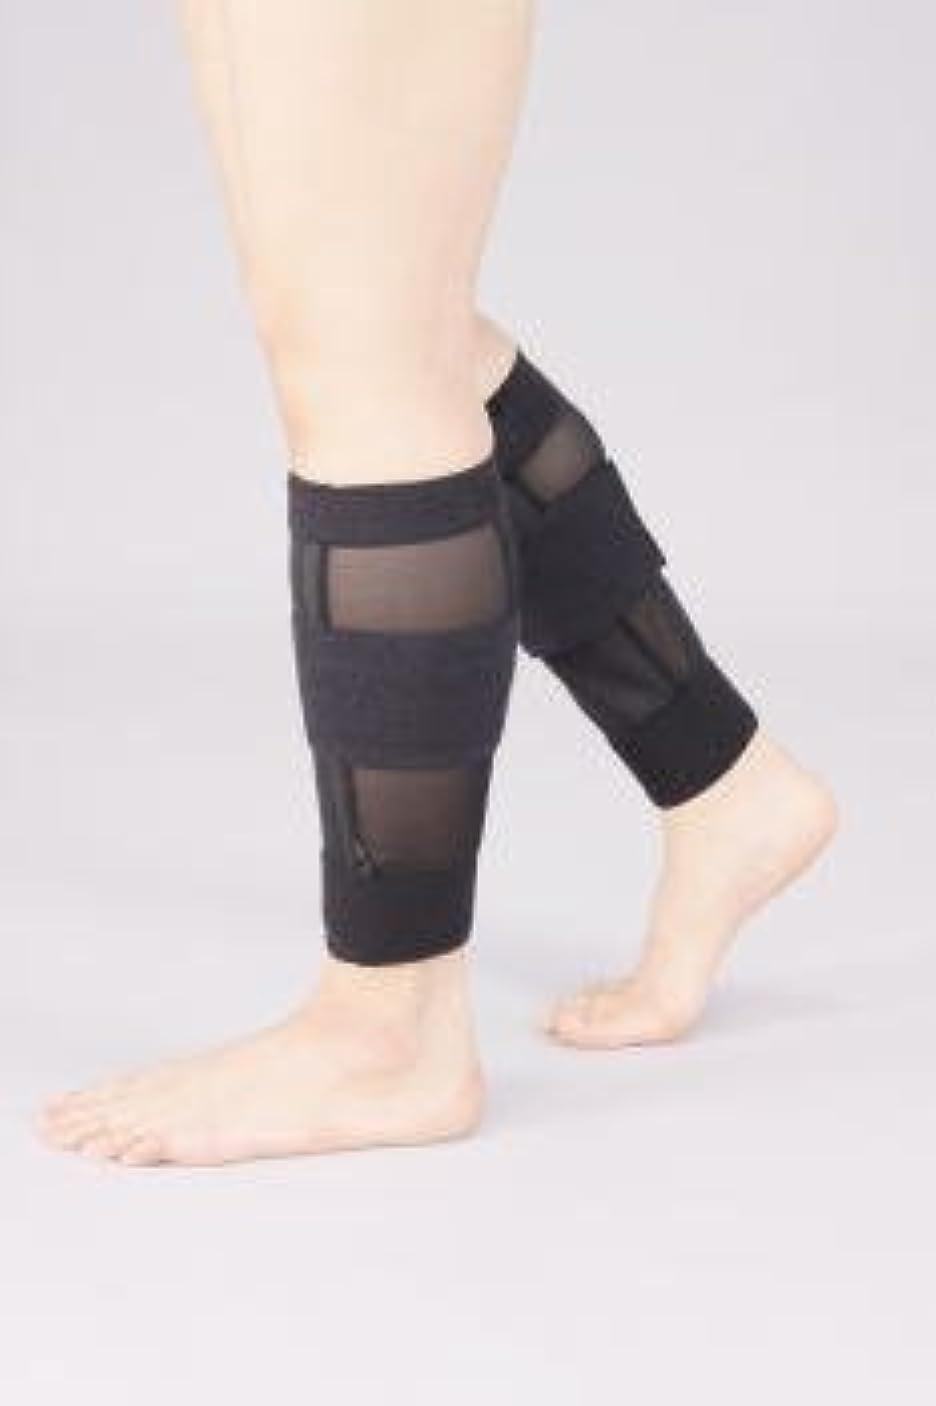 金額形状誘導【 ニュータイプ スーパー 軽足 くん 】 脚 (足) 痩せ ダイエット ? 歩く たびに ふくらはぎ を 手もみ 感覚。歩きながら 疲れ が とれる 《 日本製 》 (M)